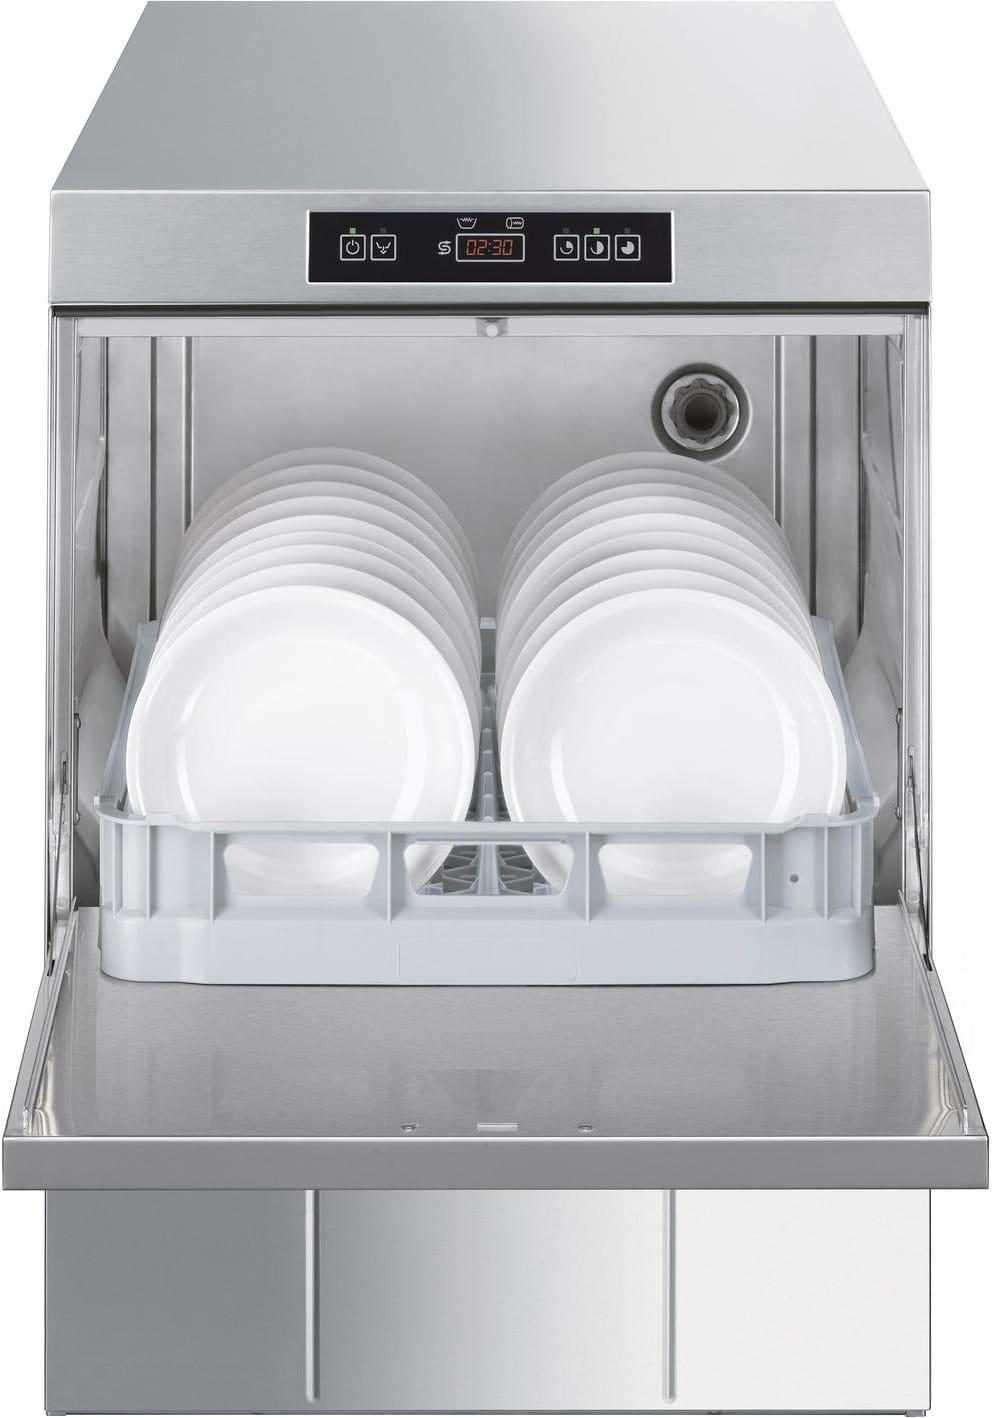 Посудомоечная машина с фронтальной загрузкой SMEG UD503D - 4